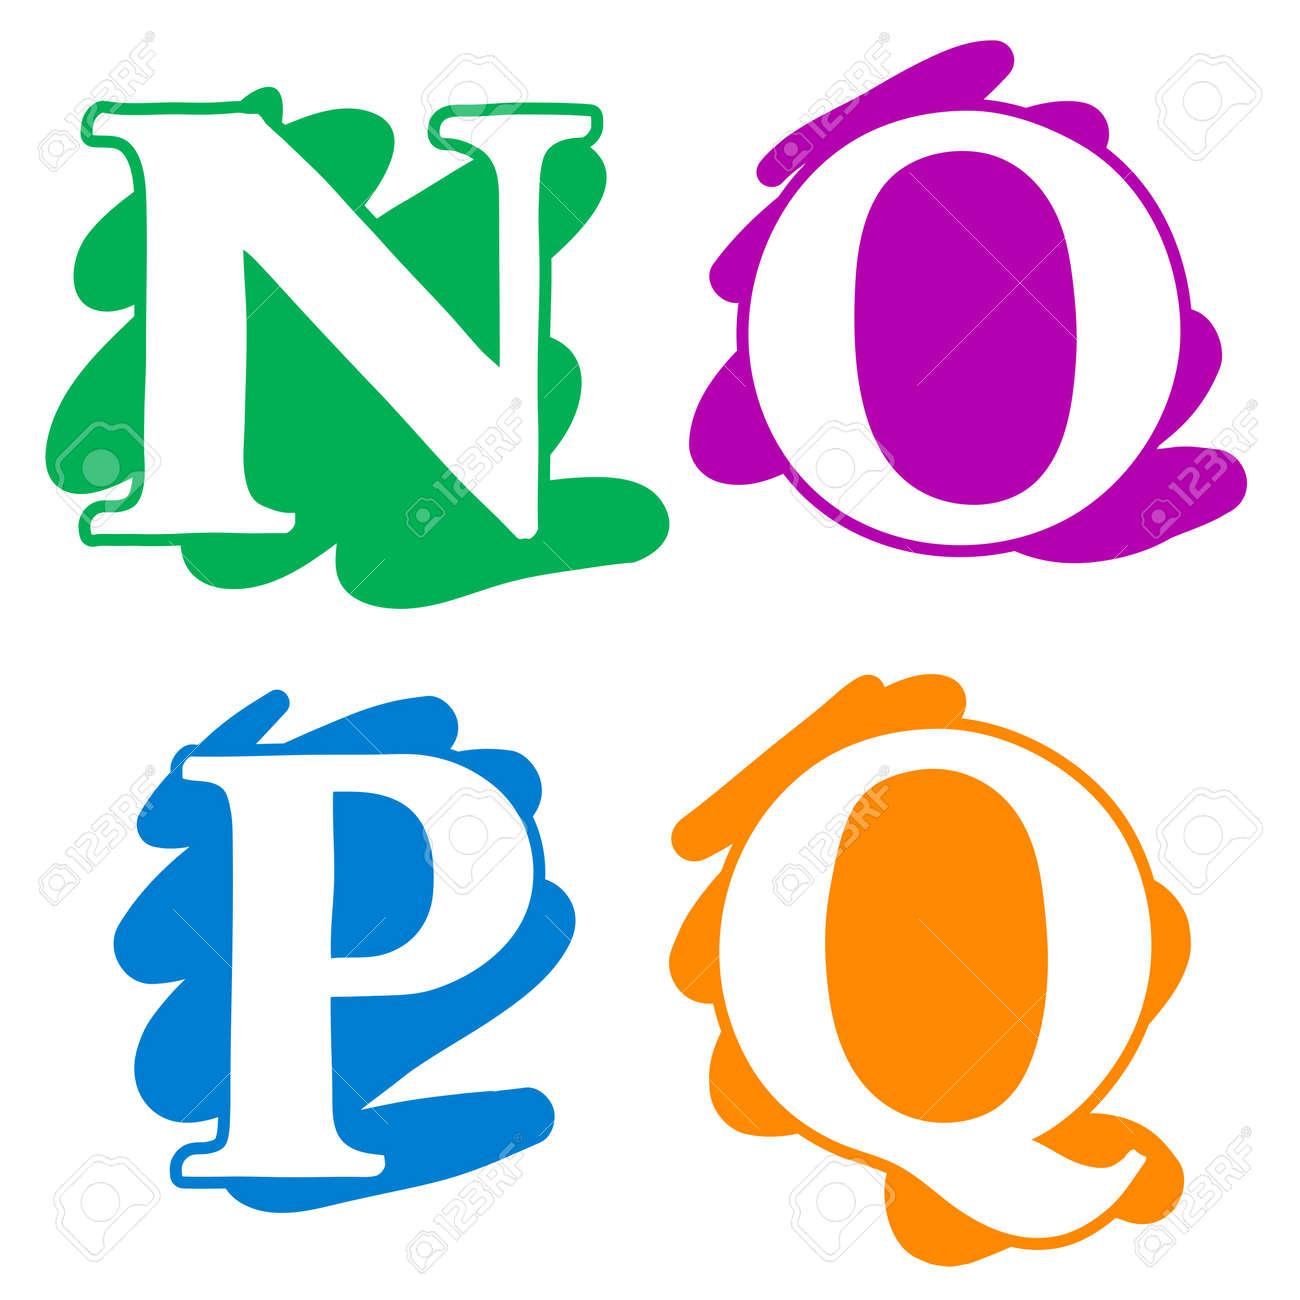 Color Garabato Splash Alfabeto Letras N, O, P, Q En Mayúsculas Con ...